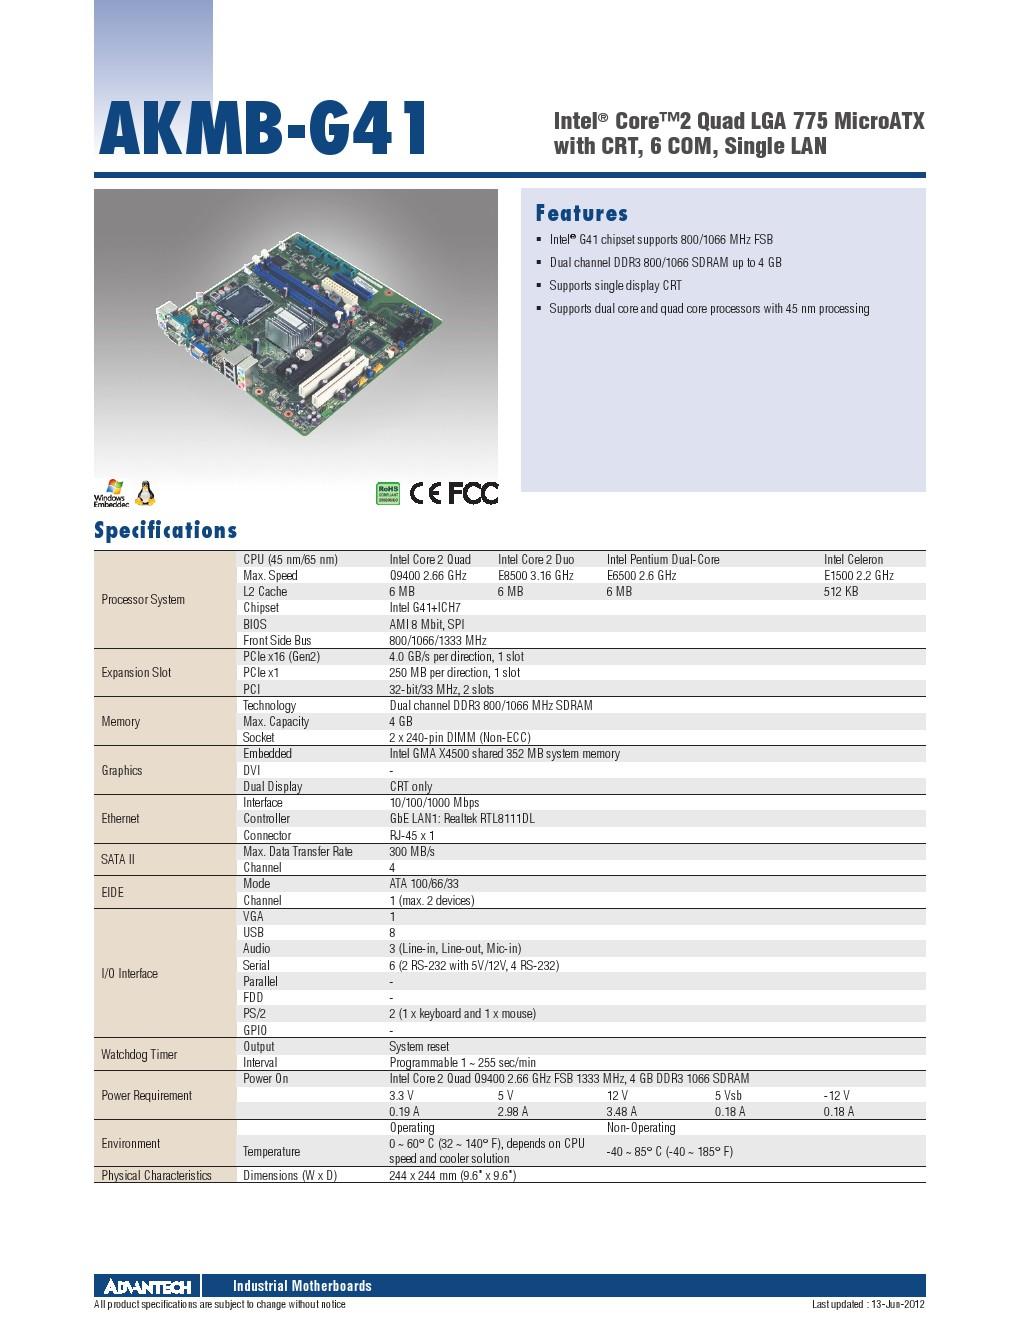 研华工业母板AKMB-G41/G41芯片组性价比极高,可用在IPC-610机箱 研华工业母板,AKMB-G41,高性价比主板